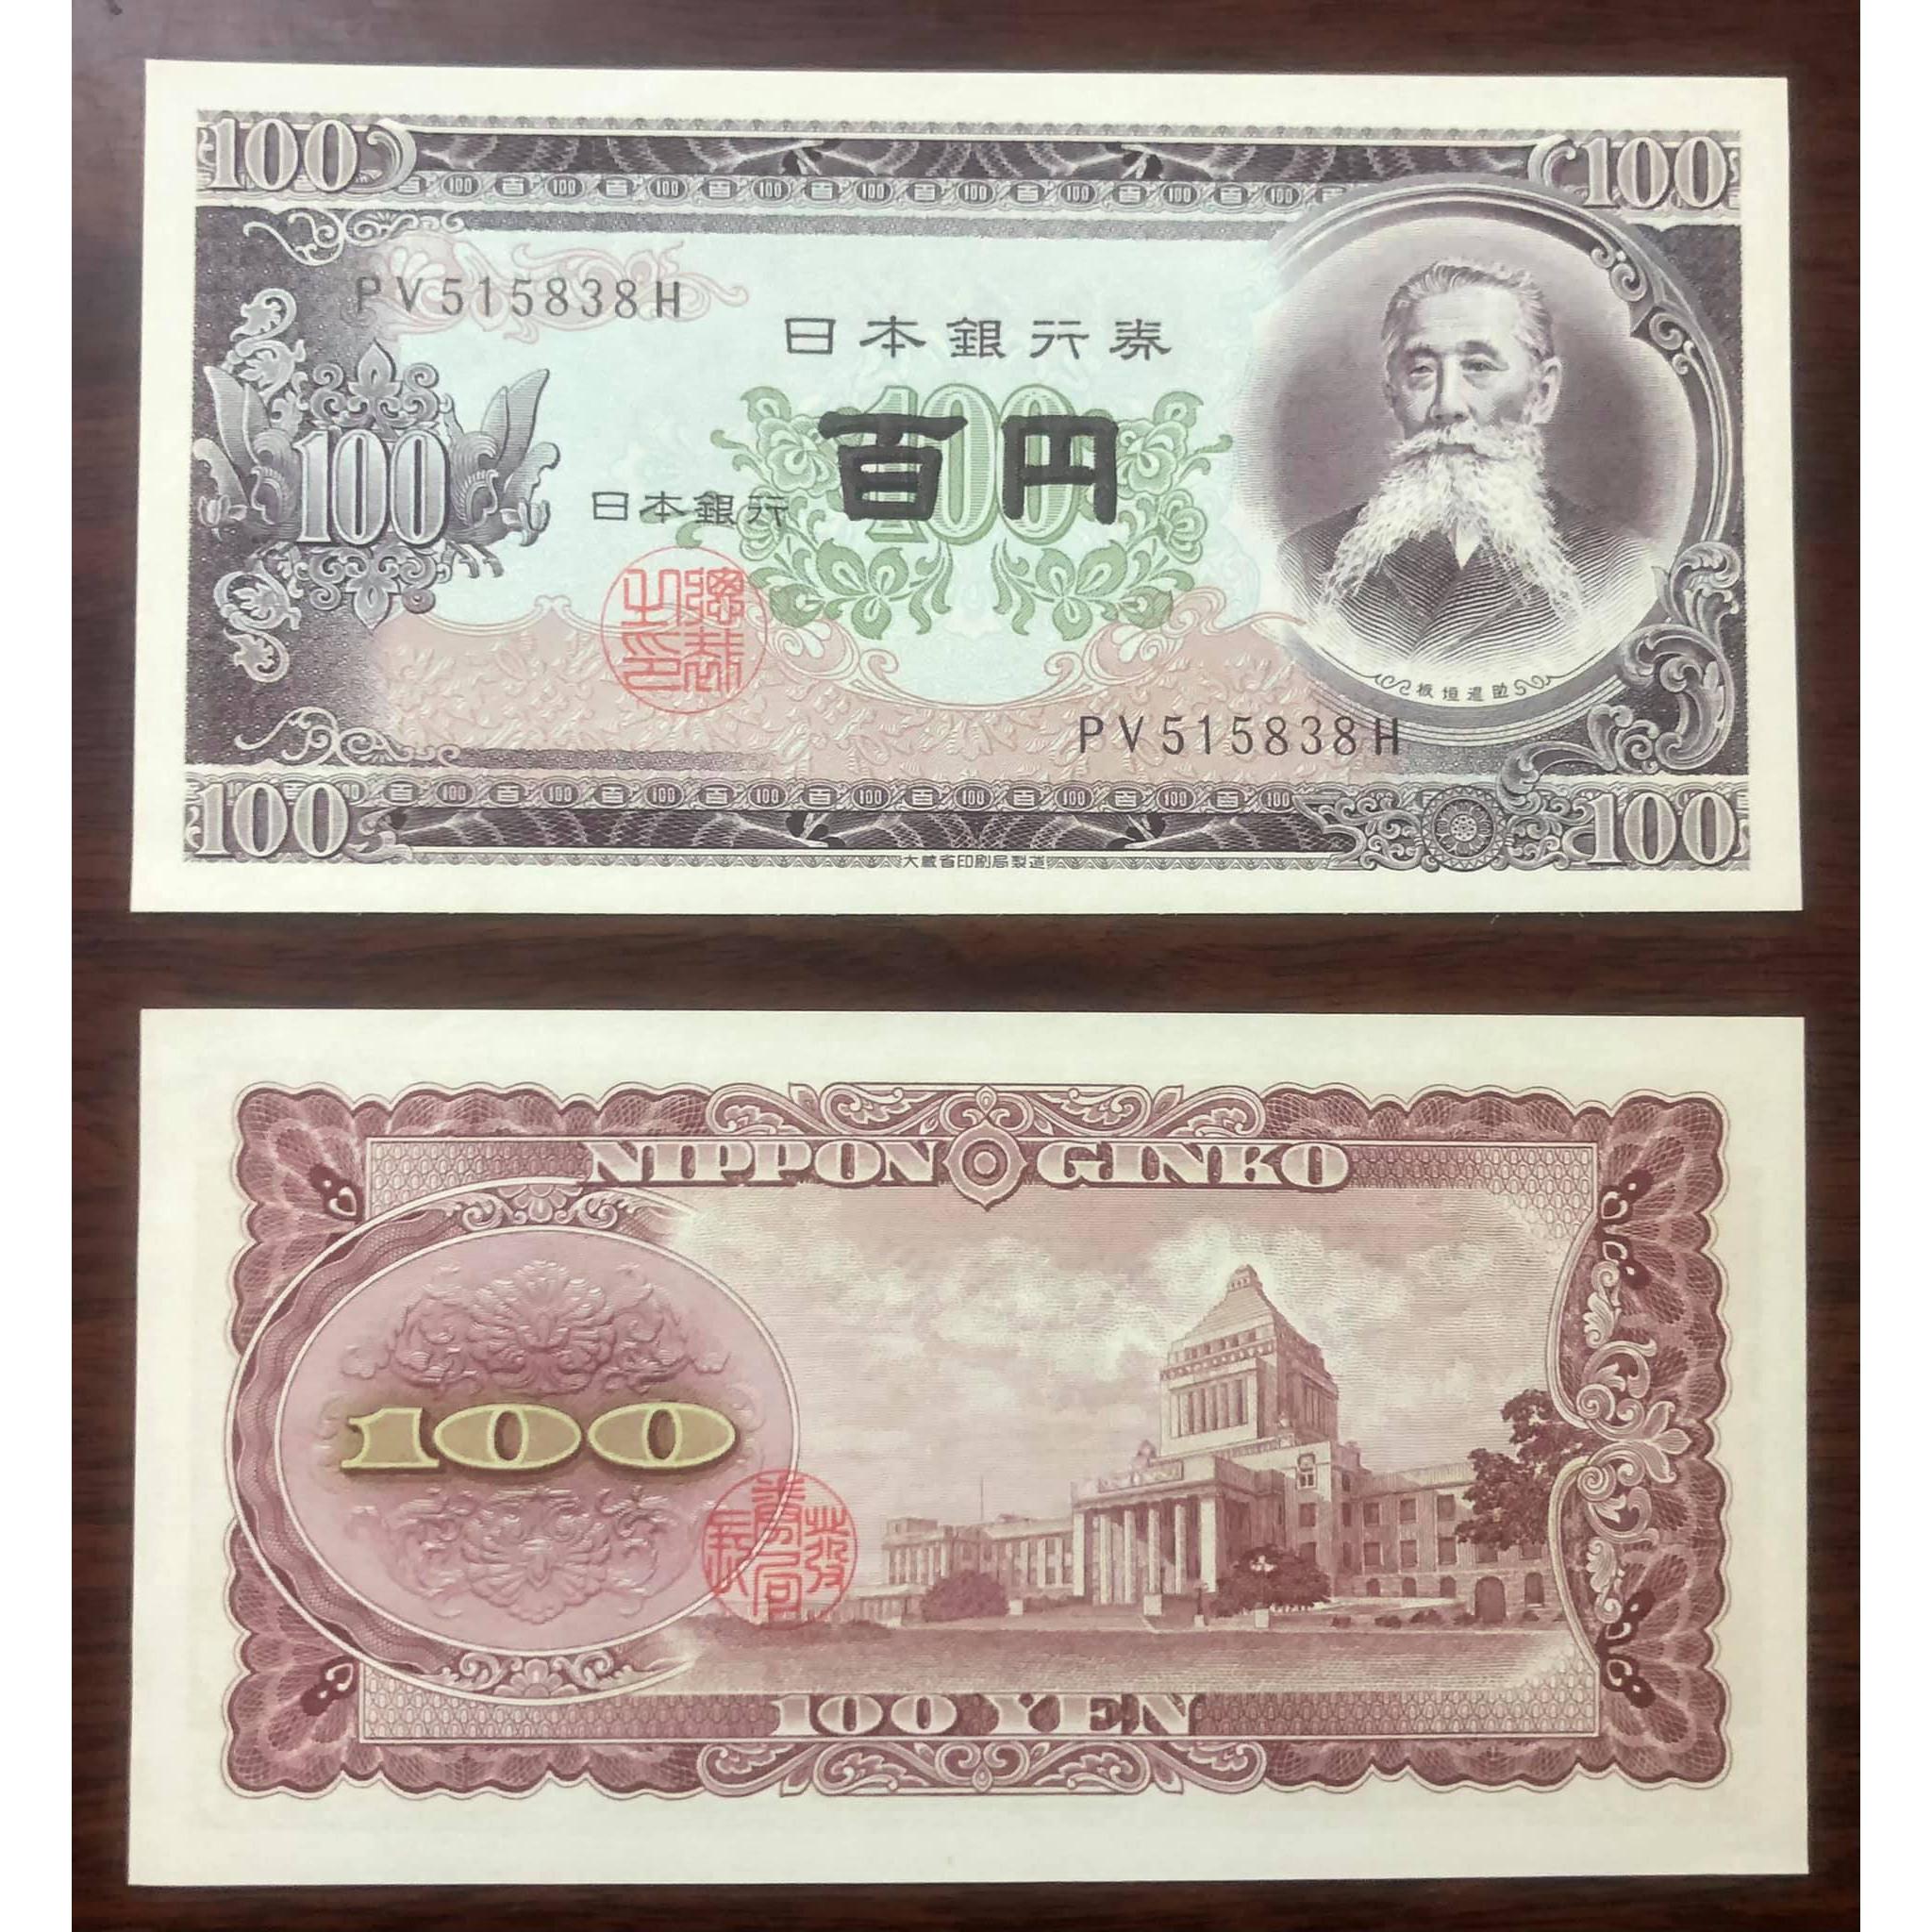 Tờ tiền cổ 100 yên của Nhật Bản 195x